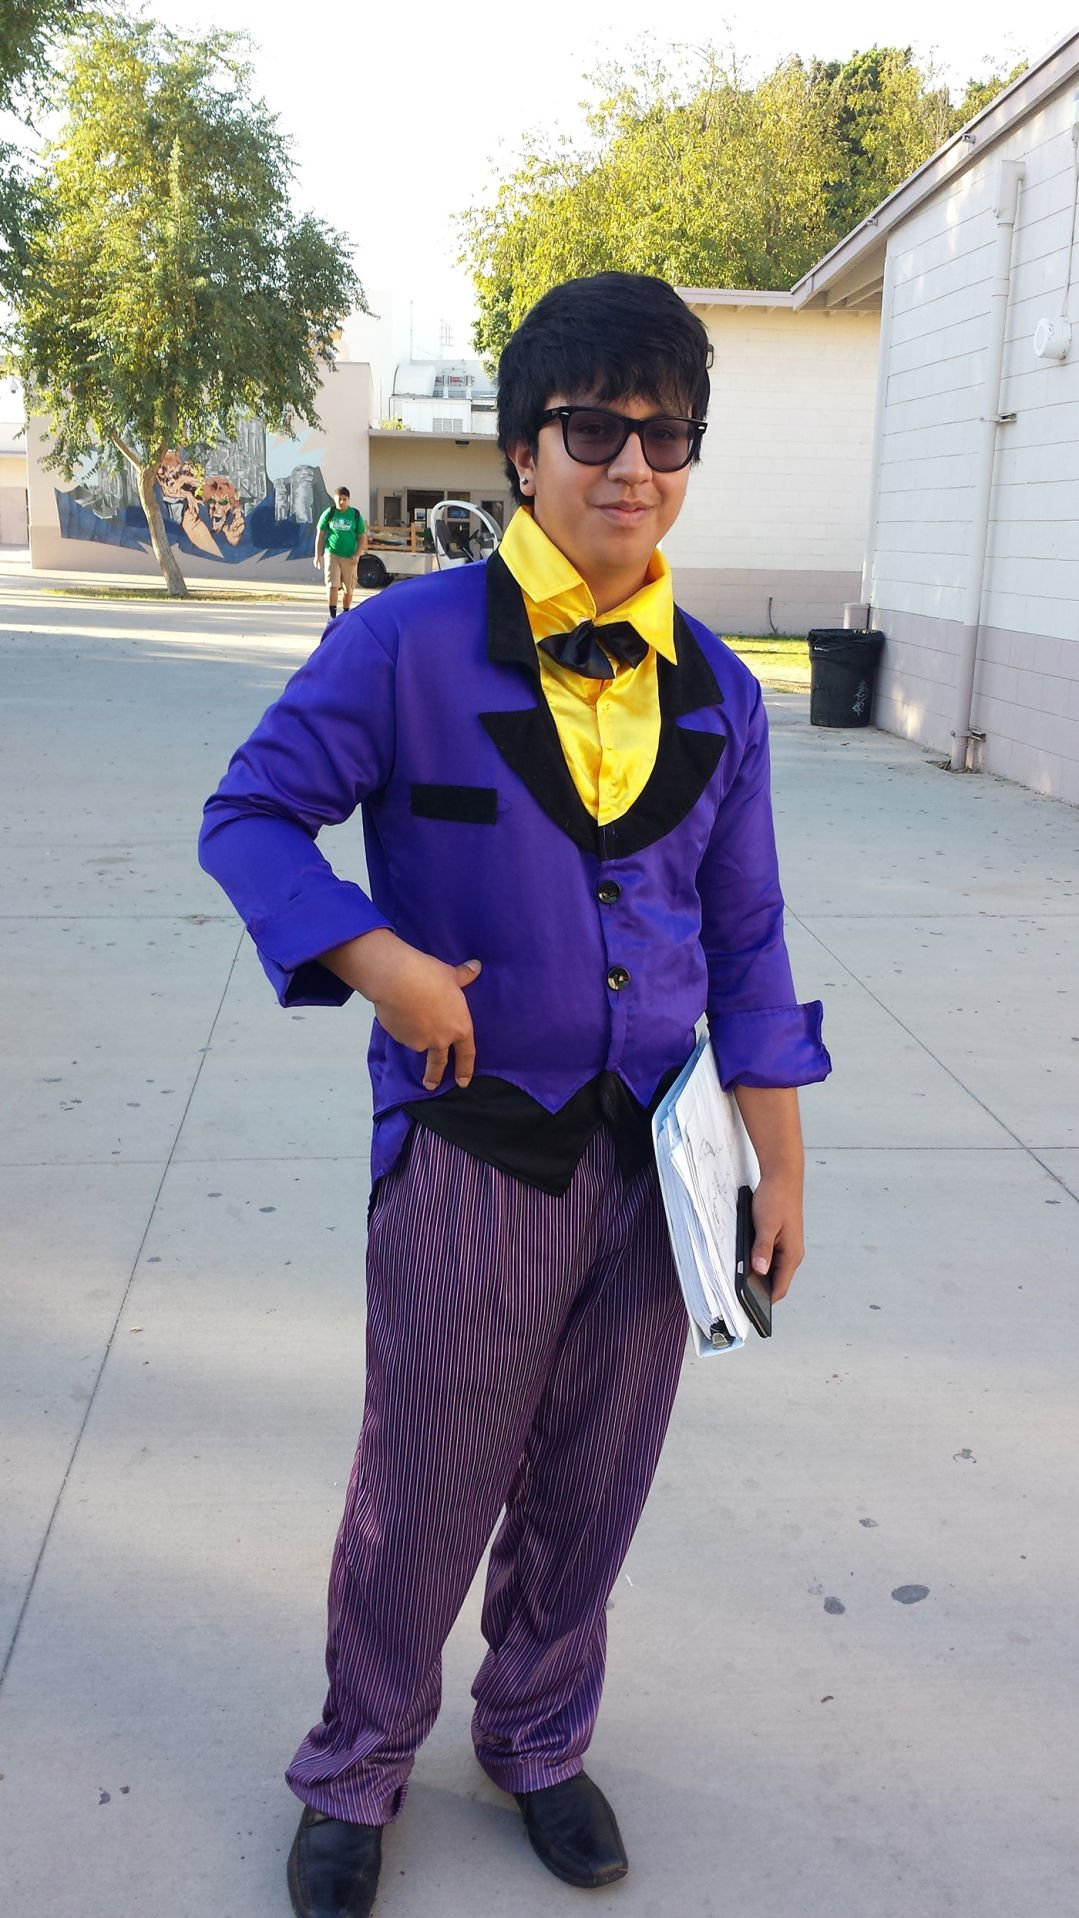 Halloween at BUHS